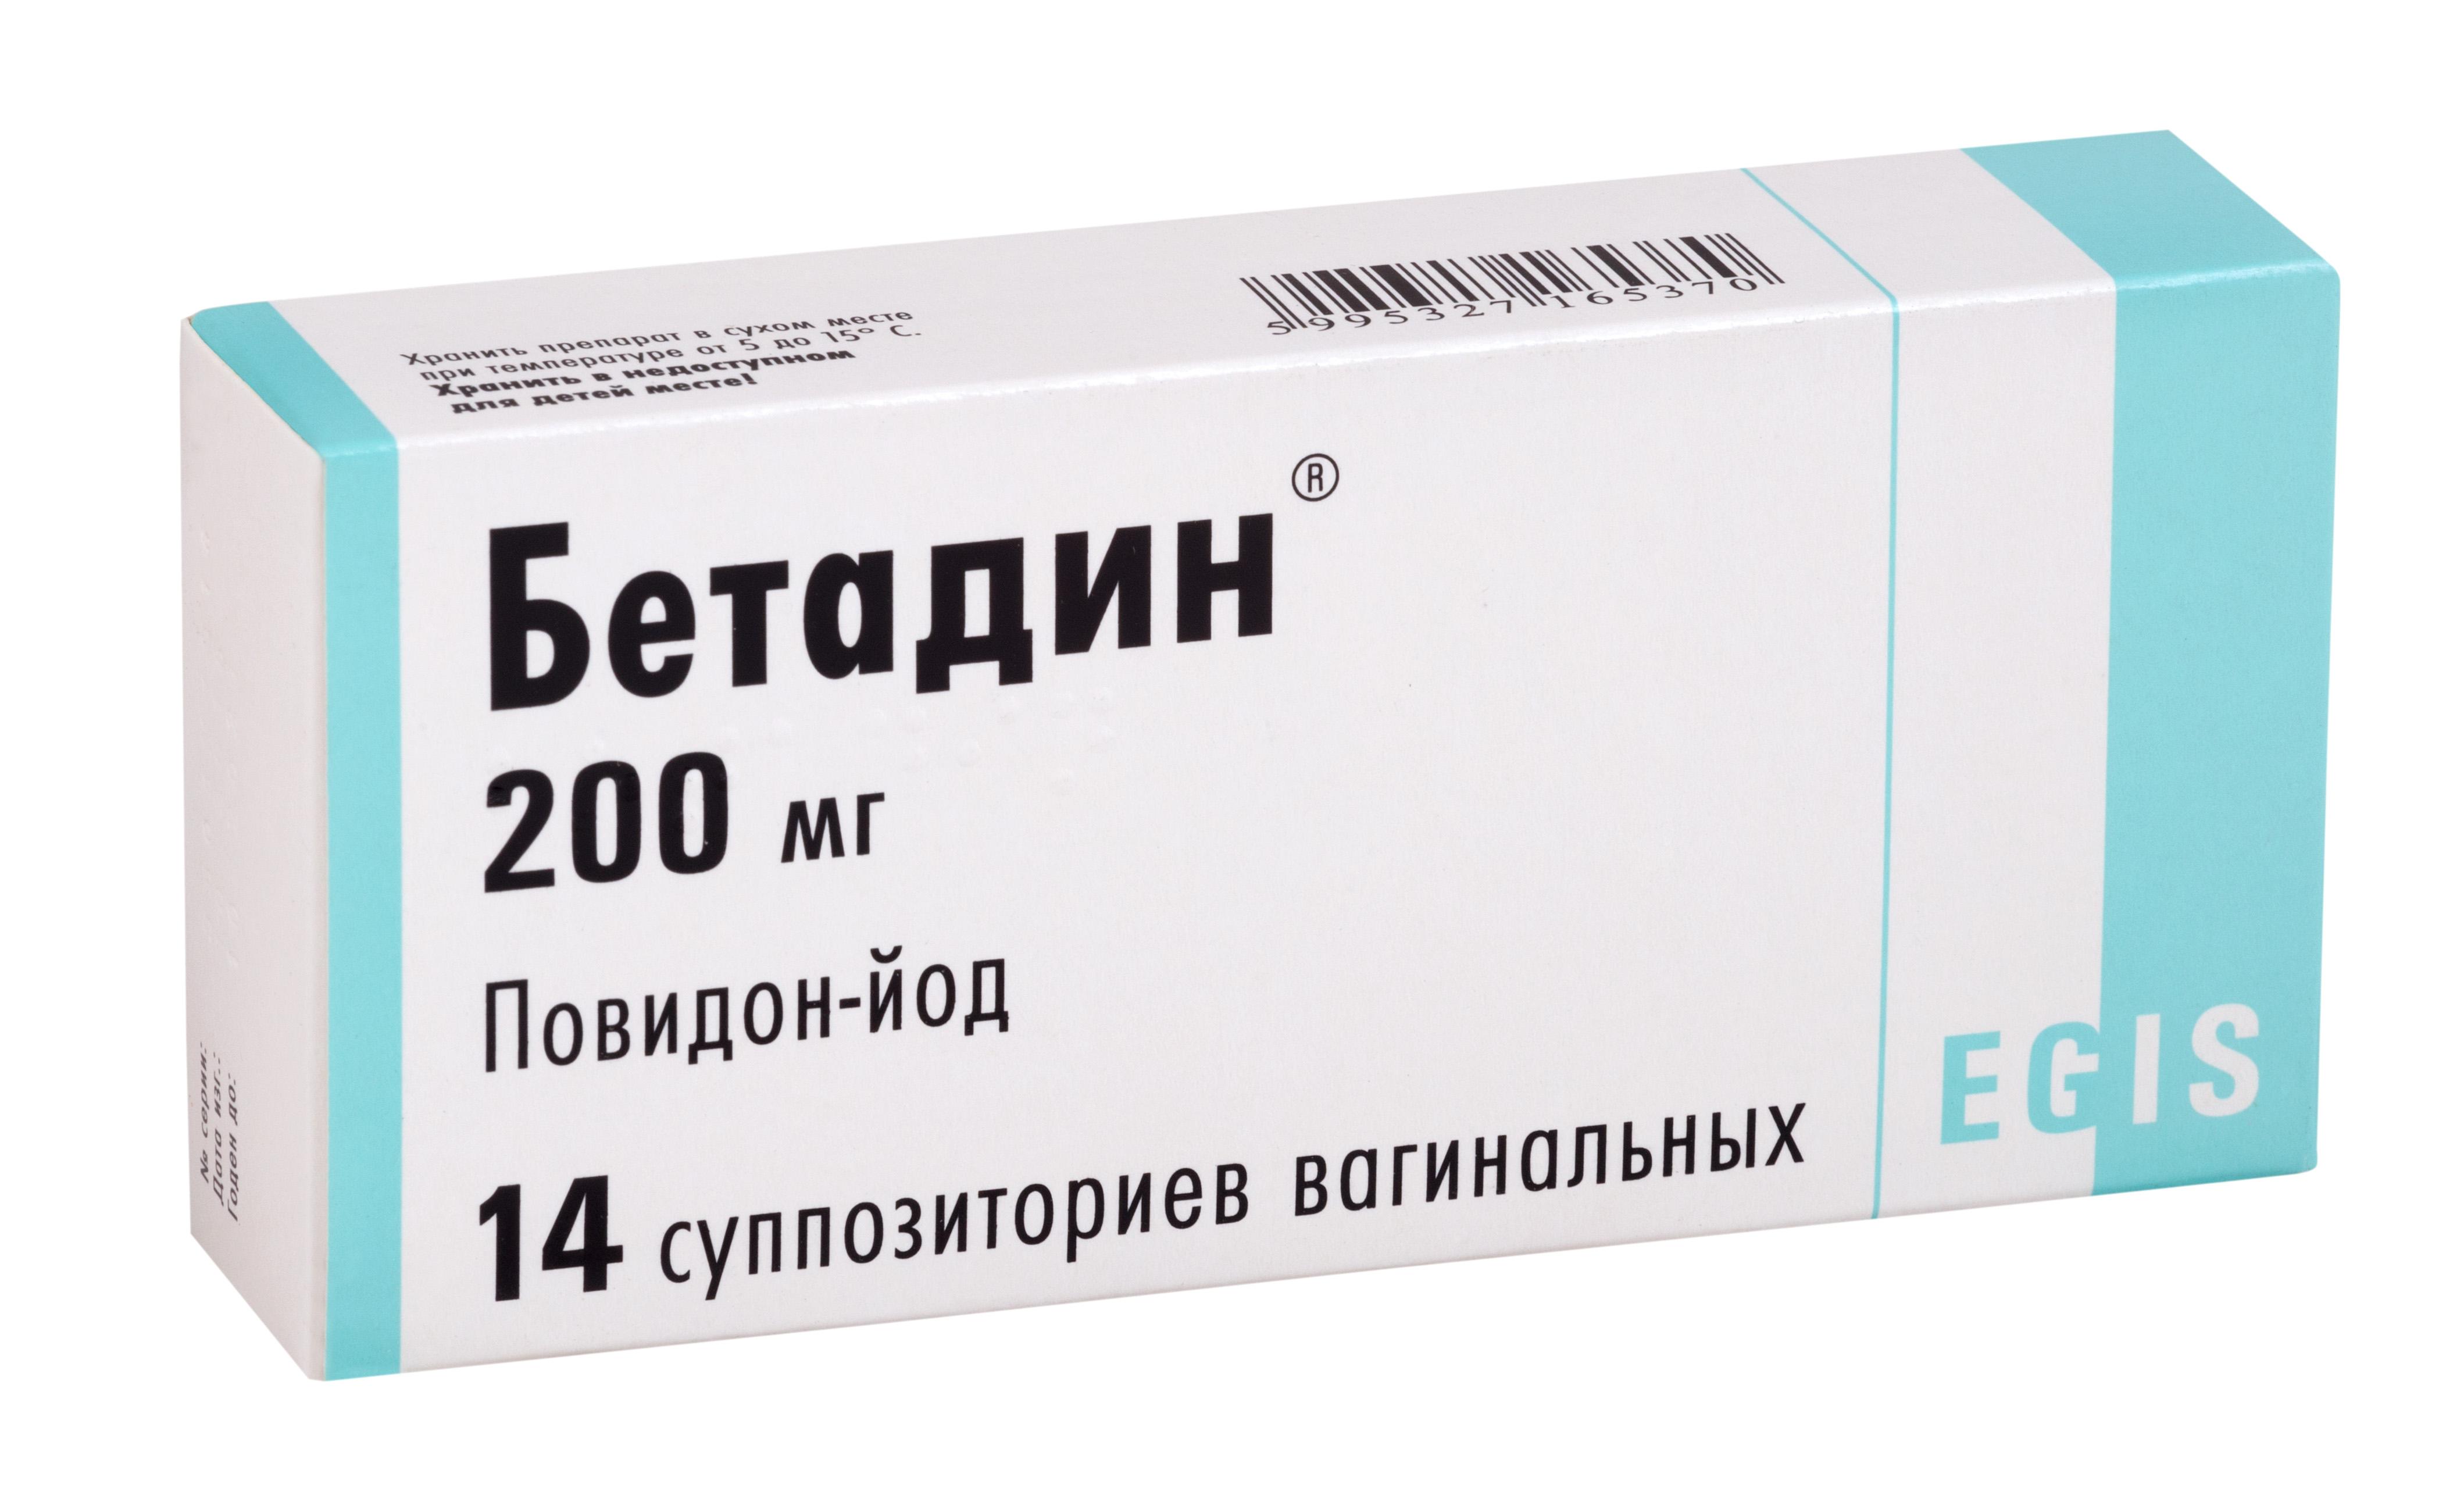 Бетадин супп. ваг. 200мг n14